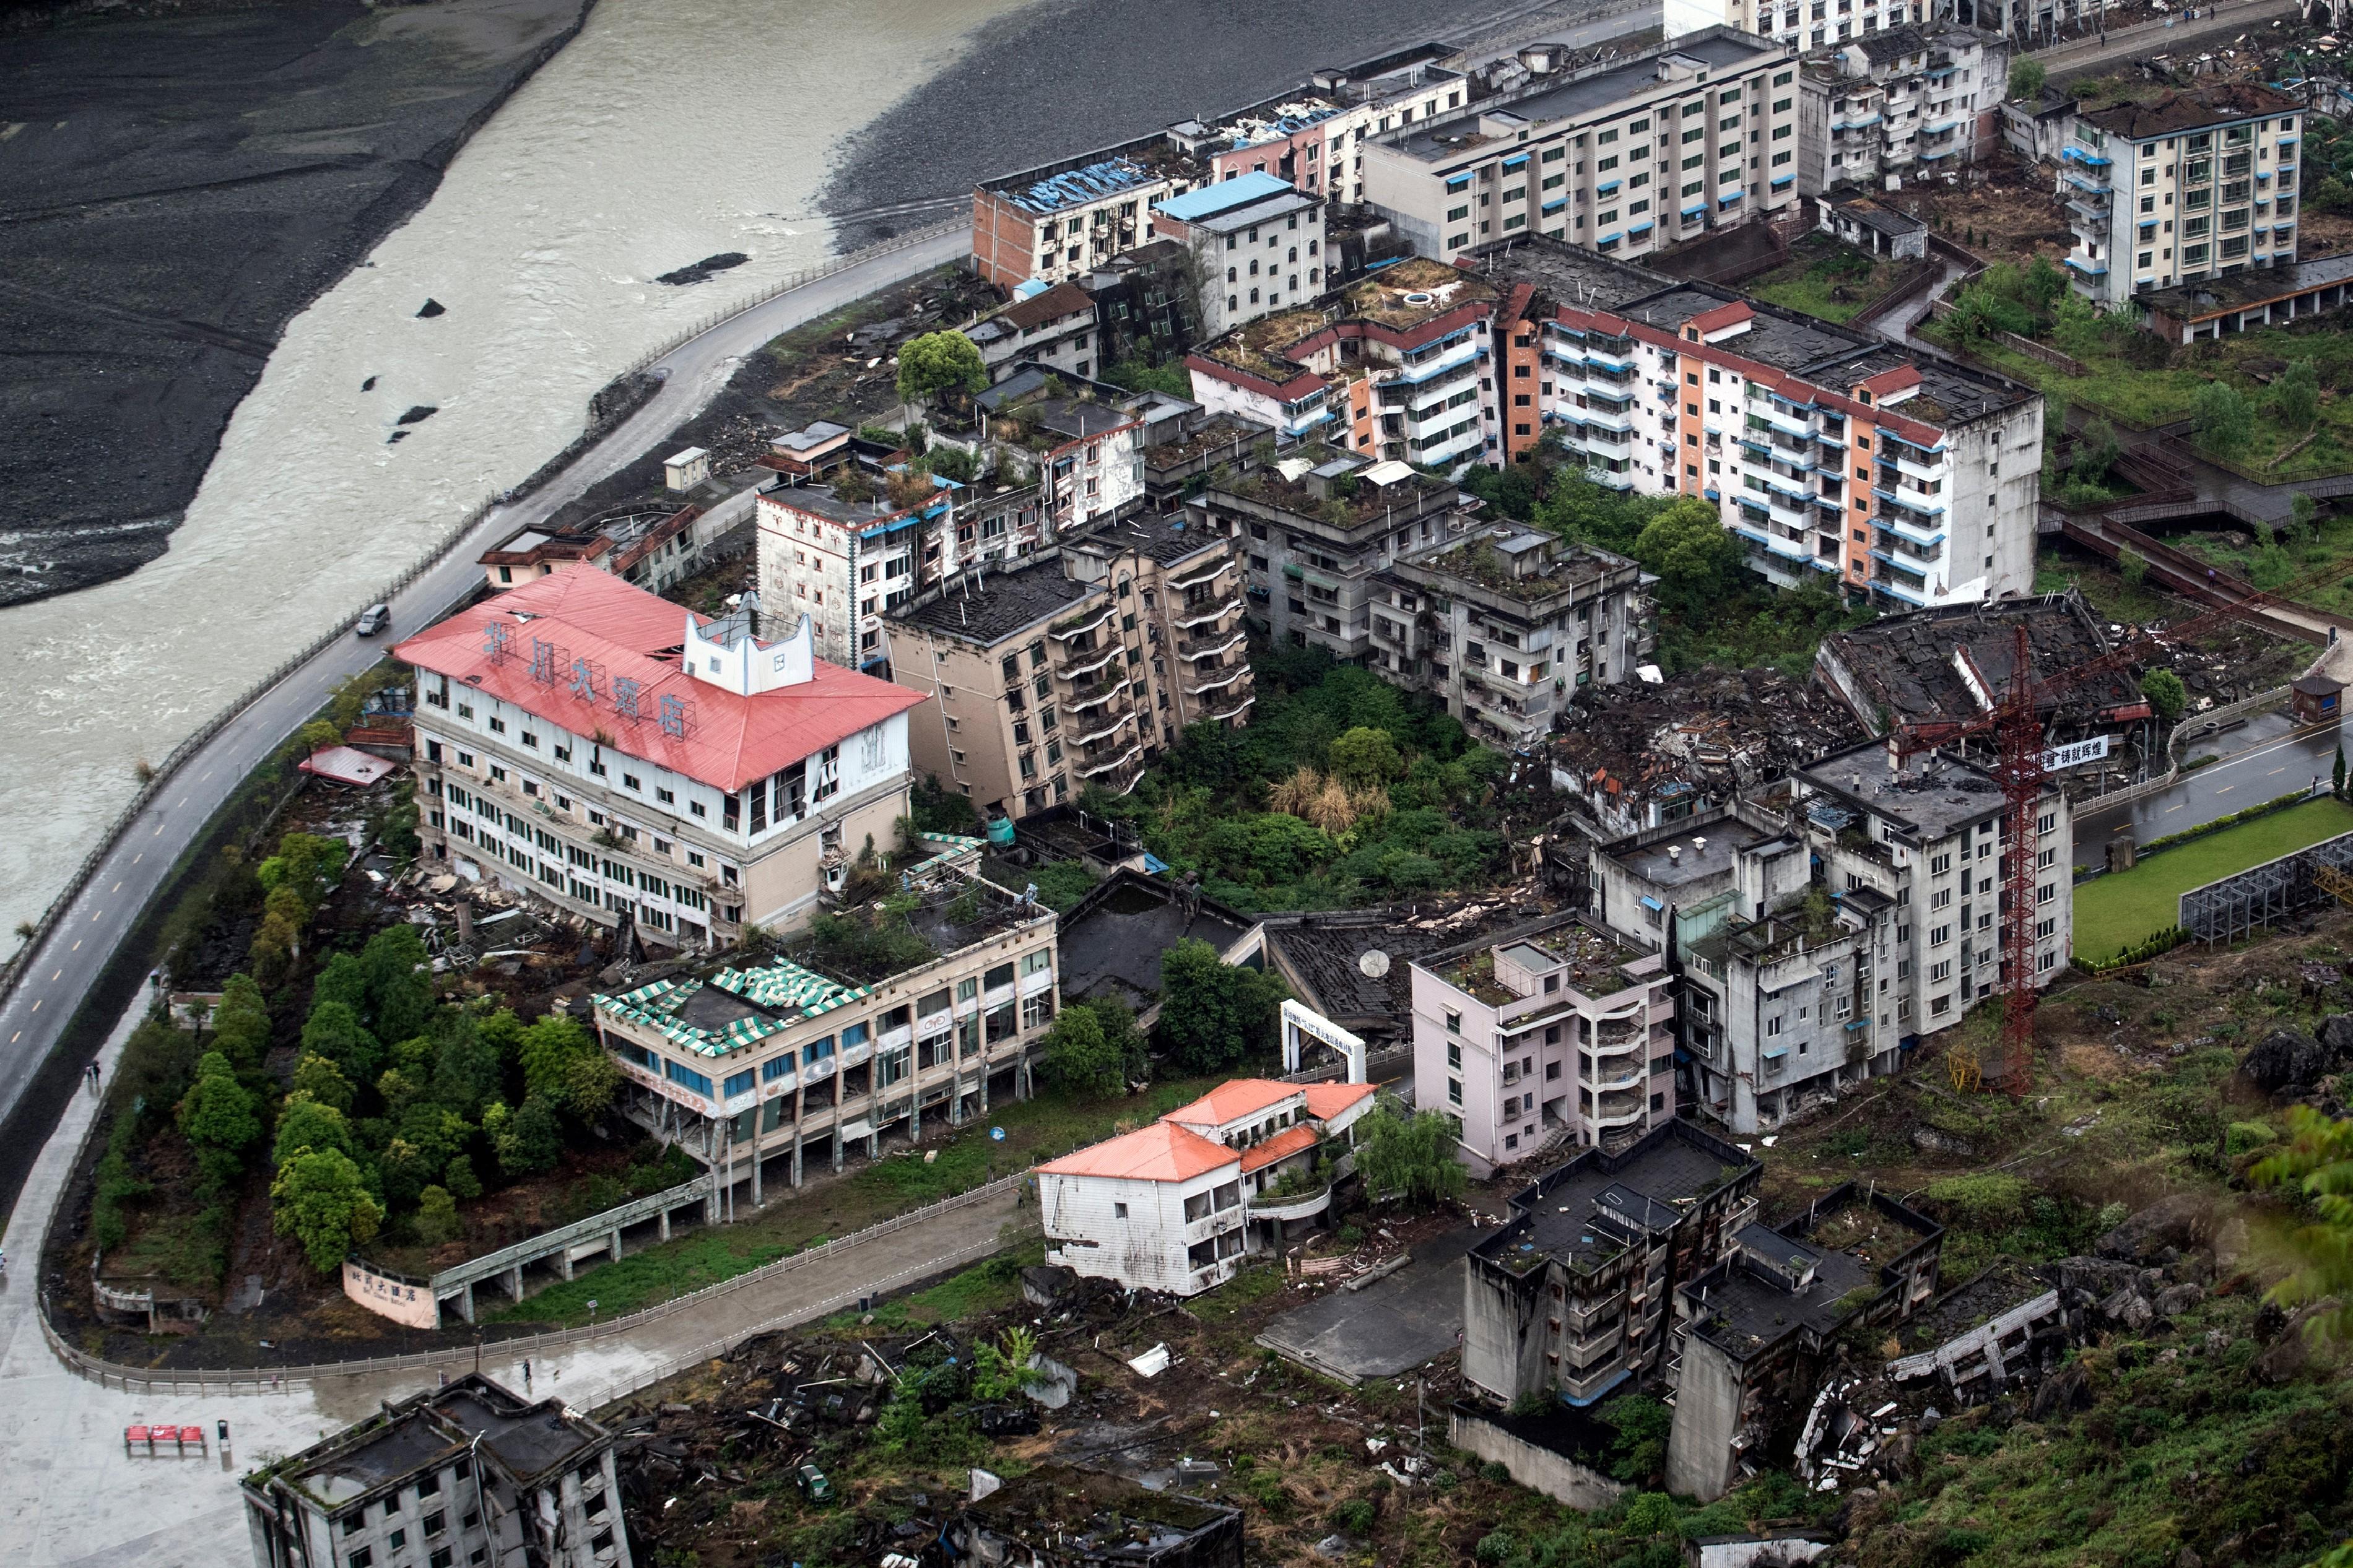 Casas abandonadas 10 años después del terremoto (AFP / Johannes EISELE)